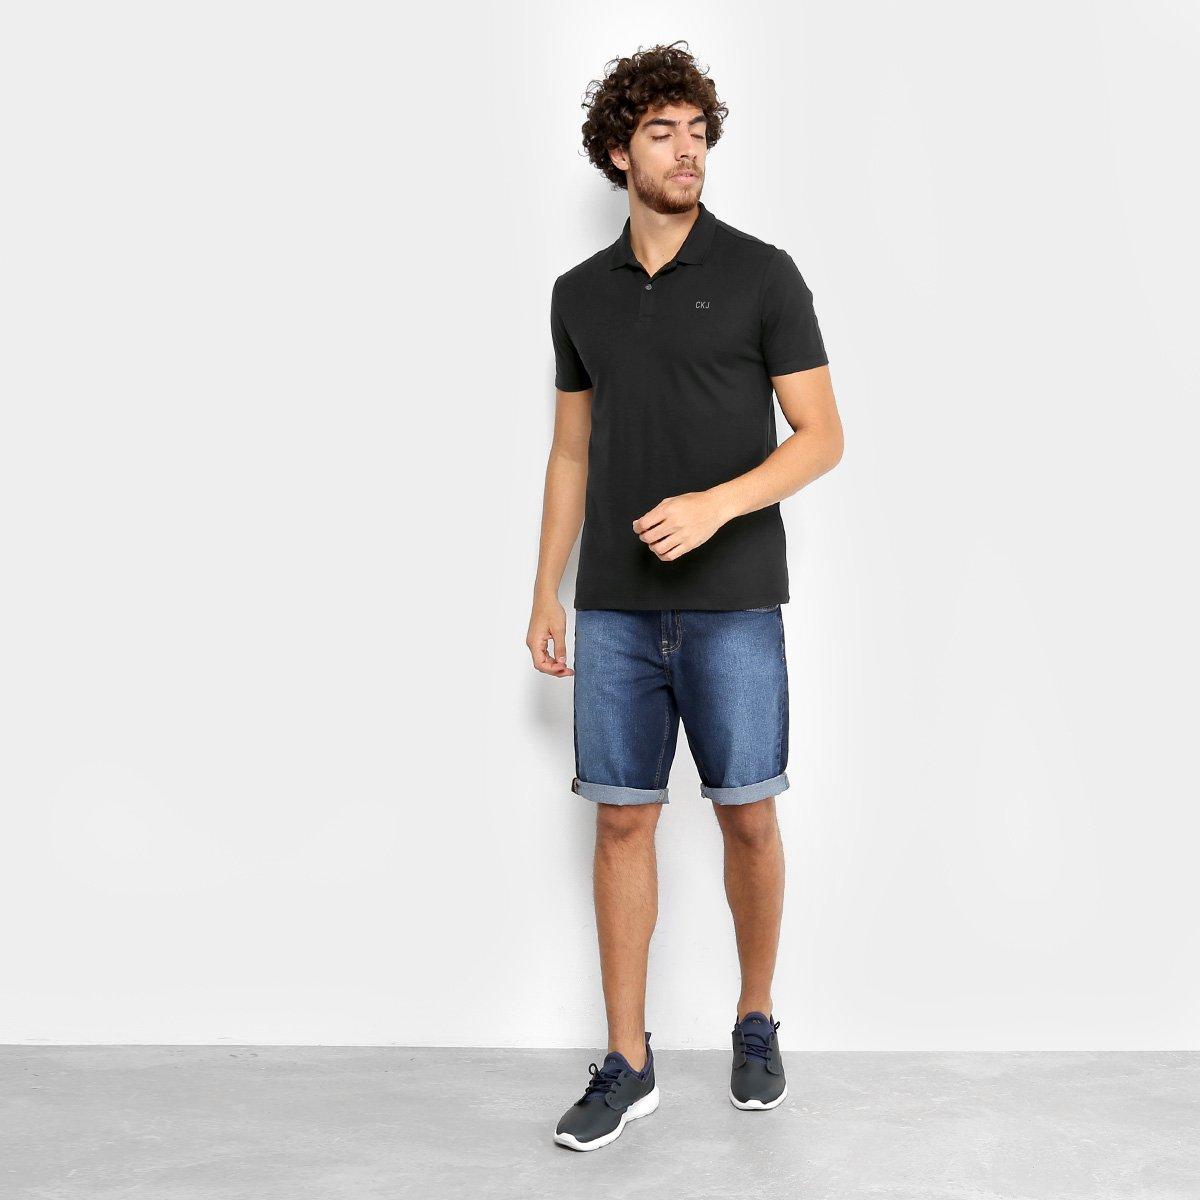 Camisa Polo Calvin Klein Piquet Básica Masculina - Compre Agora ... 3198aa736bcf3